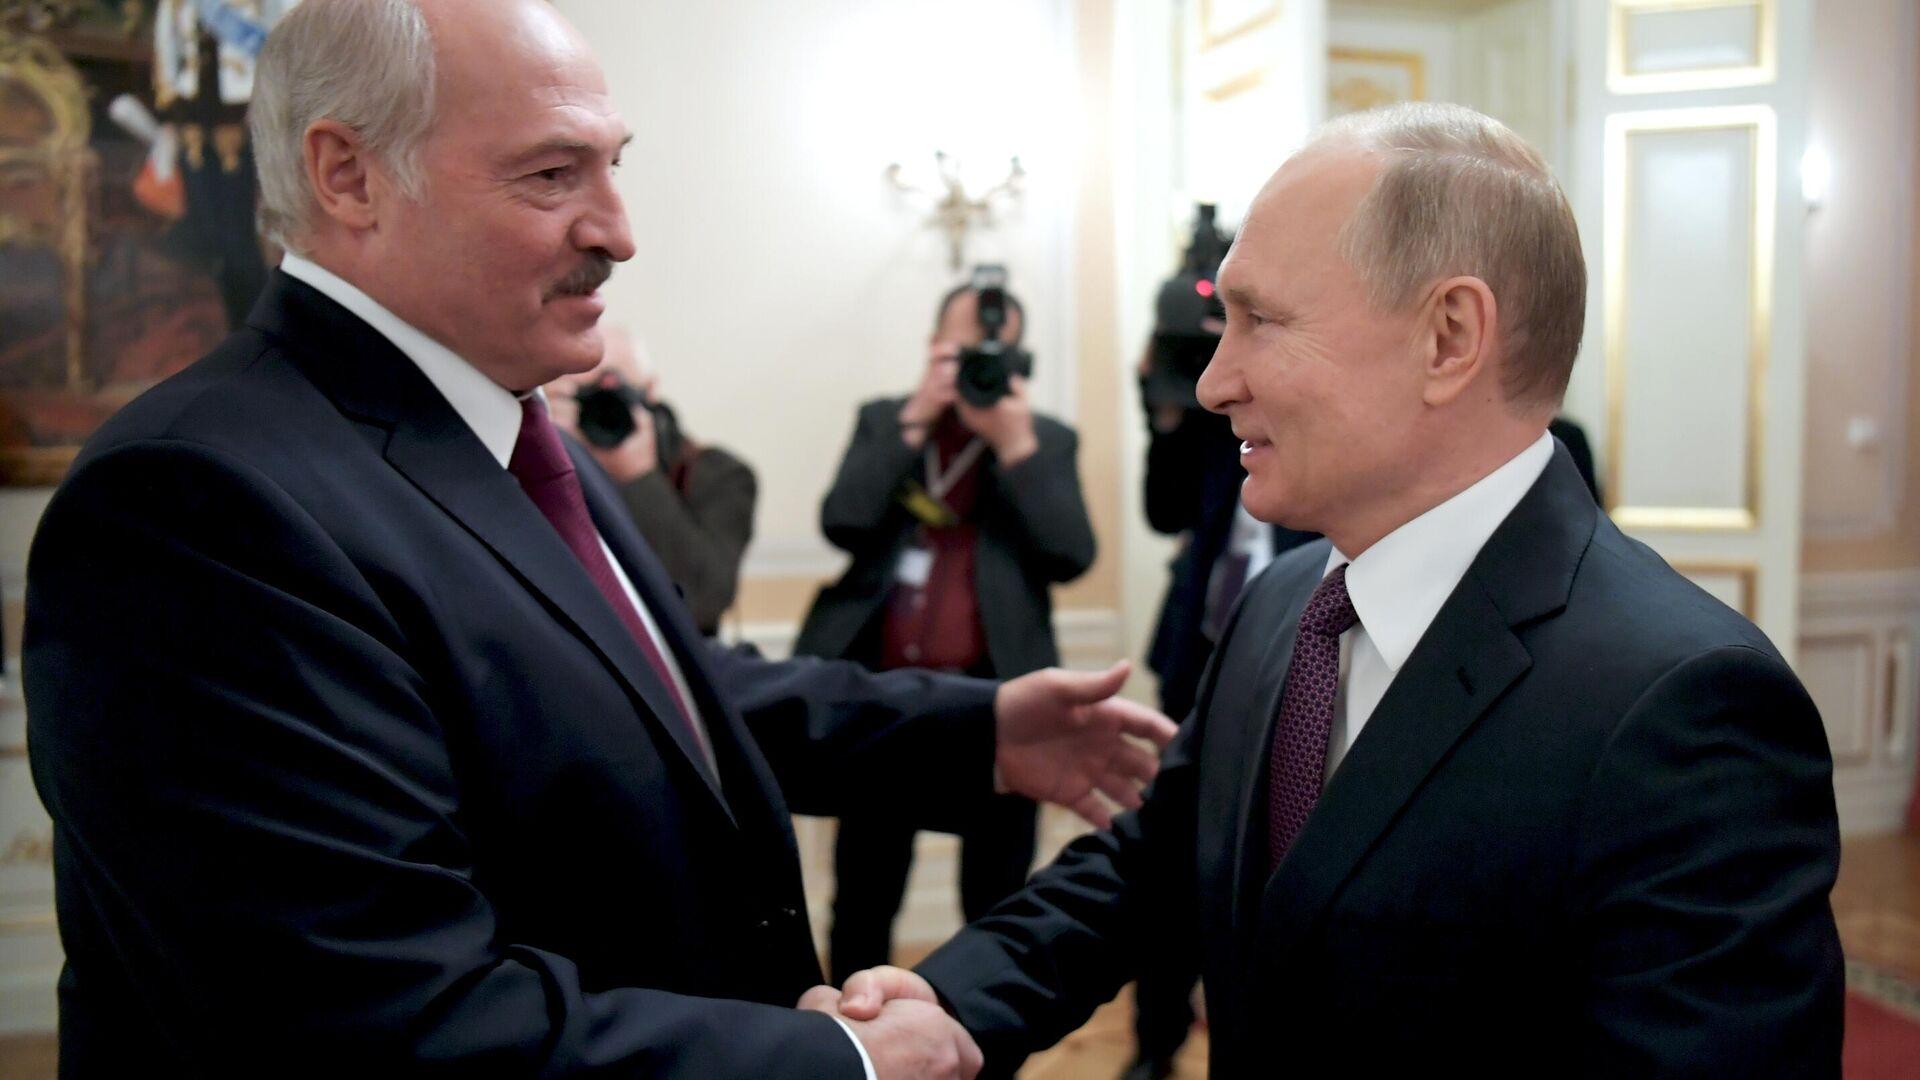 Президент РФ Владимир Путин и президент Белоруссии Александр Лукашенко во время встречи в Санкт-Петербурге - РИА Новости, 1920, 10.01.2021